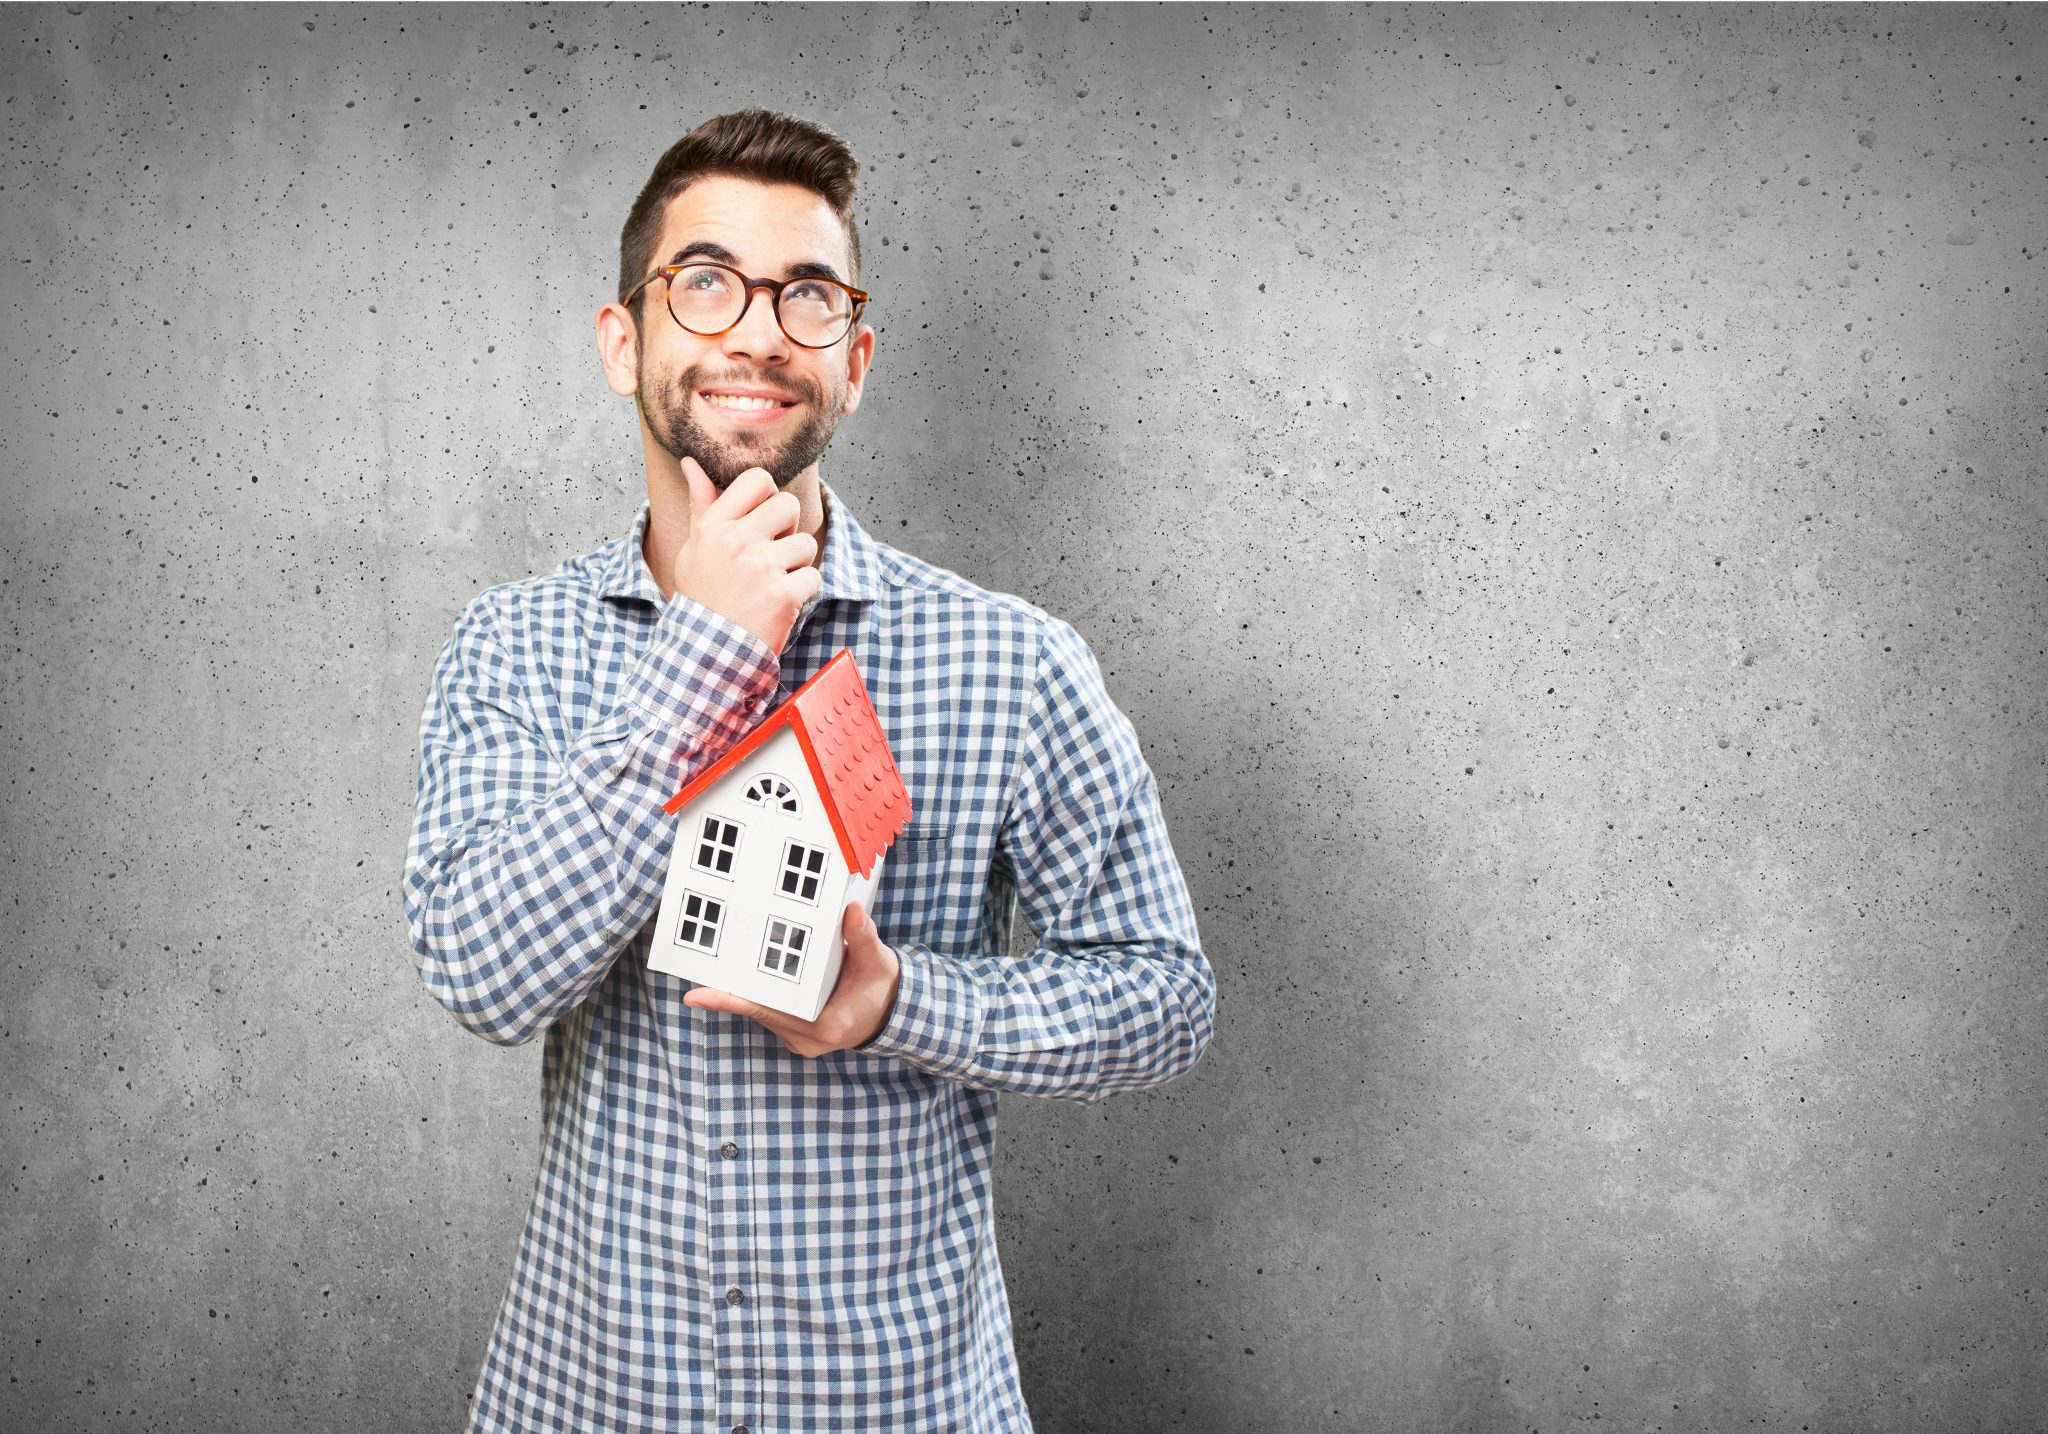 Annonces immobilières : quels outils pour les mettre en valeur ?